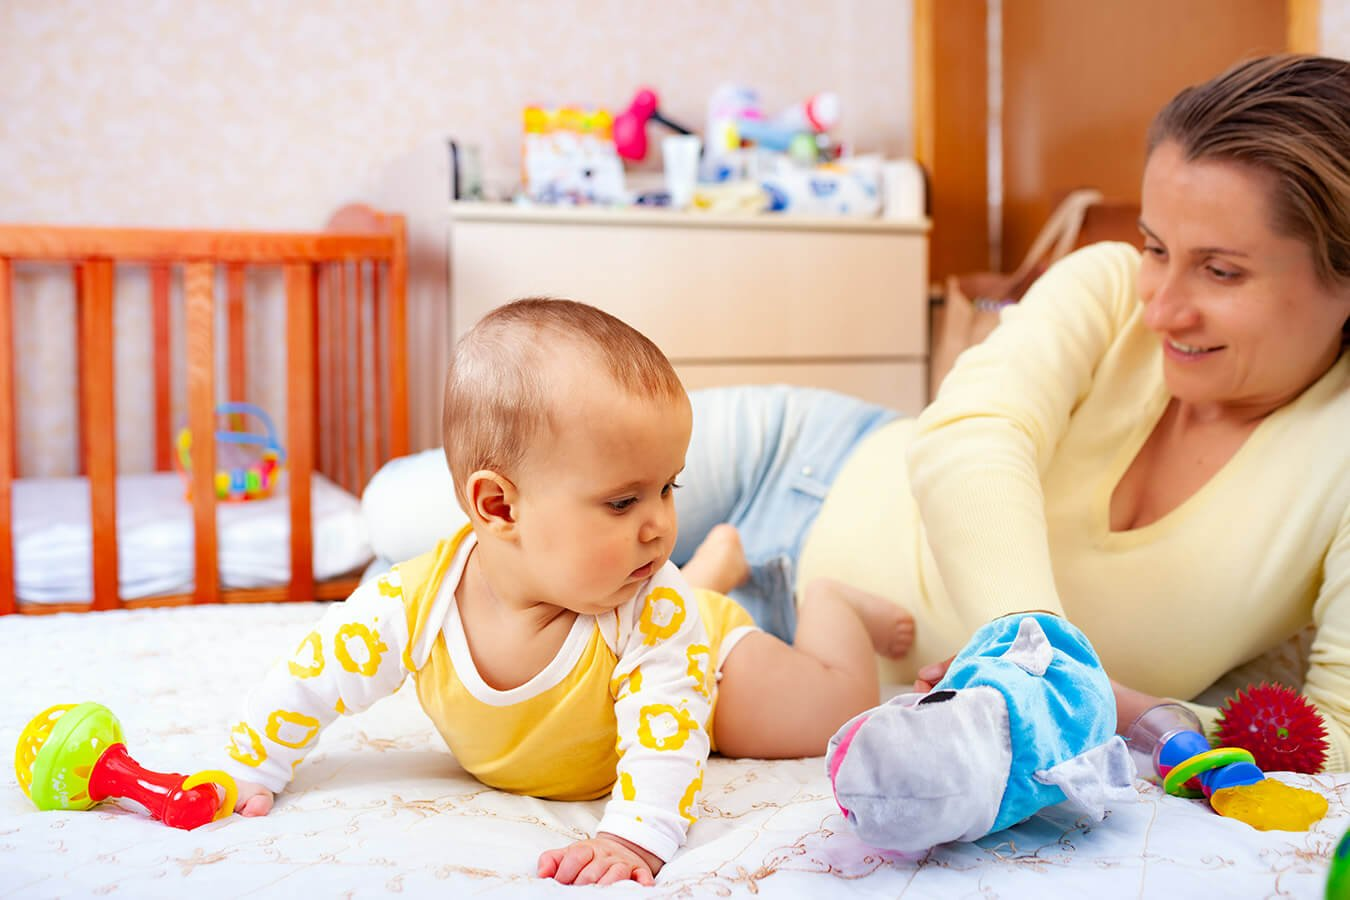 25 tygodniowe dziecko – Jak wygląda 25 tydzień życia dziecka?